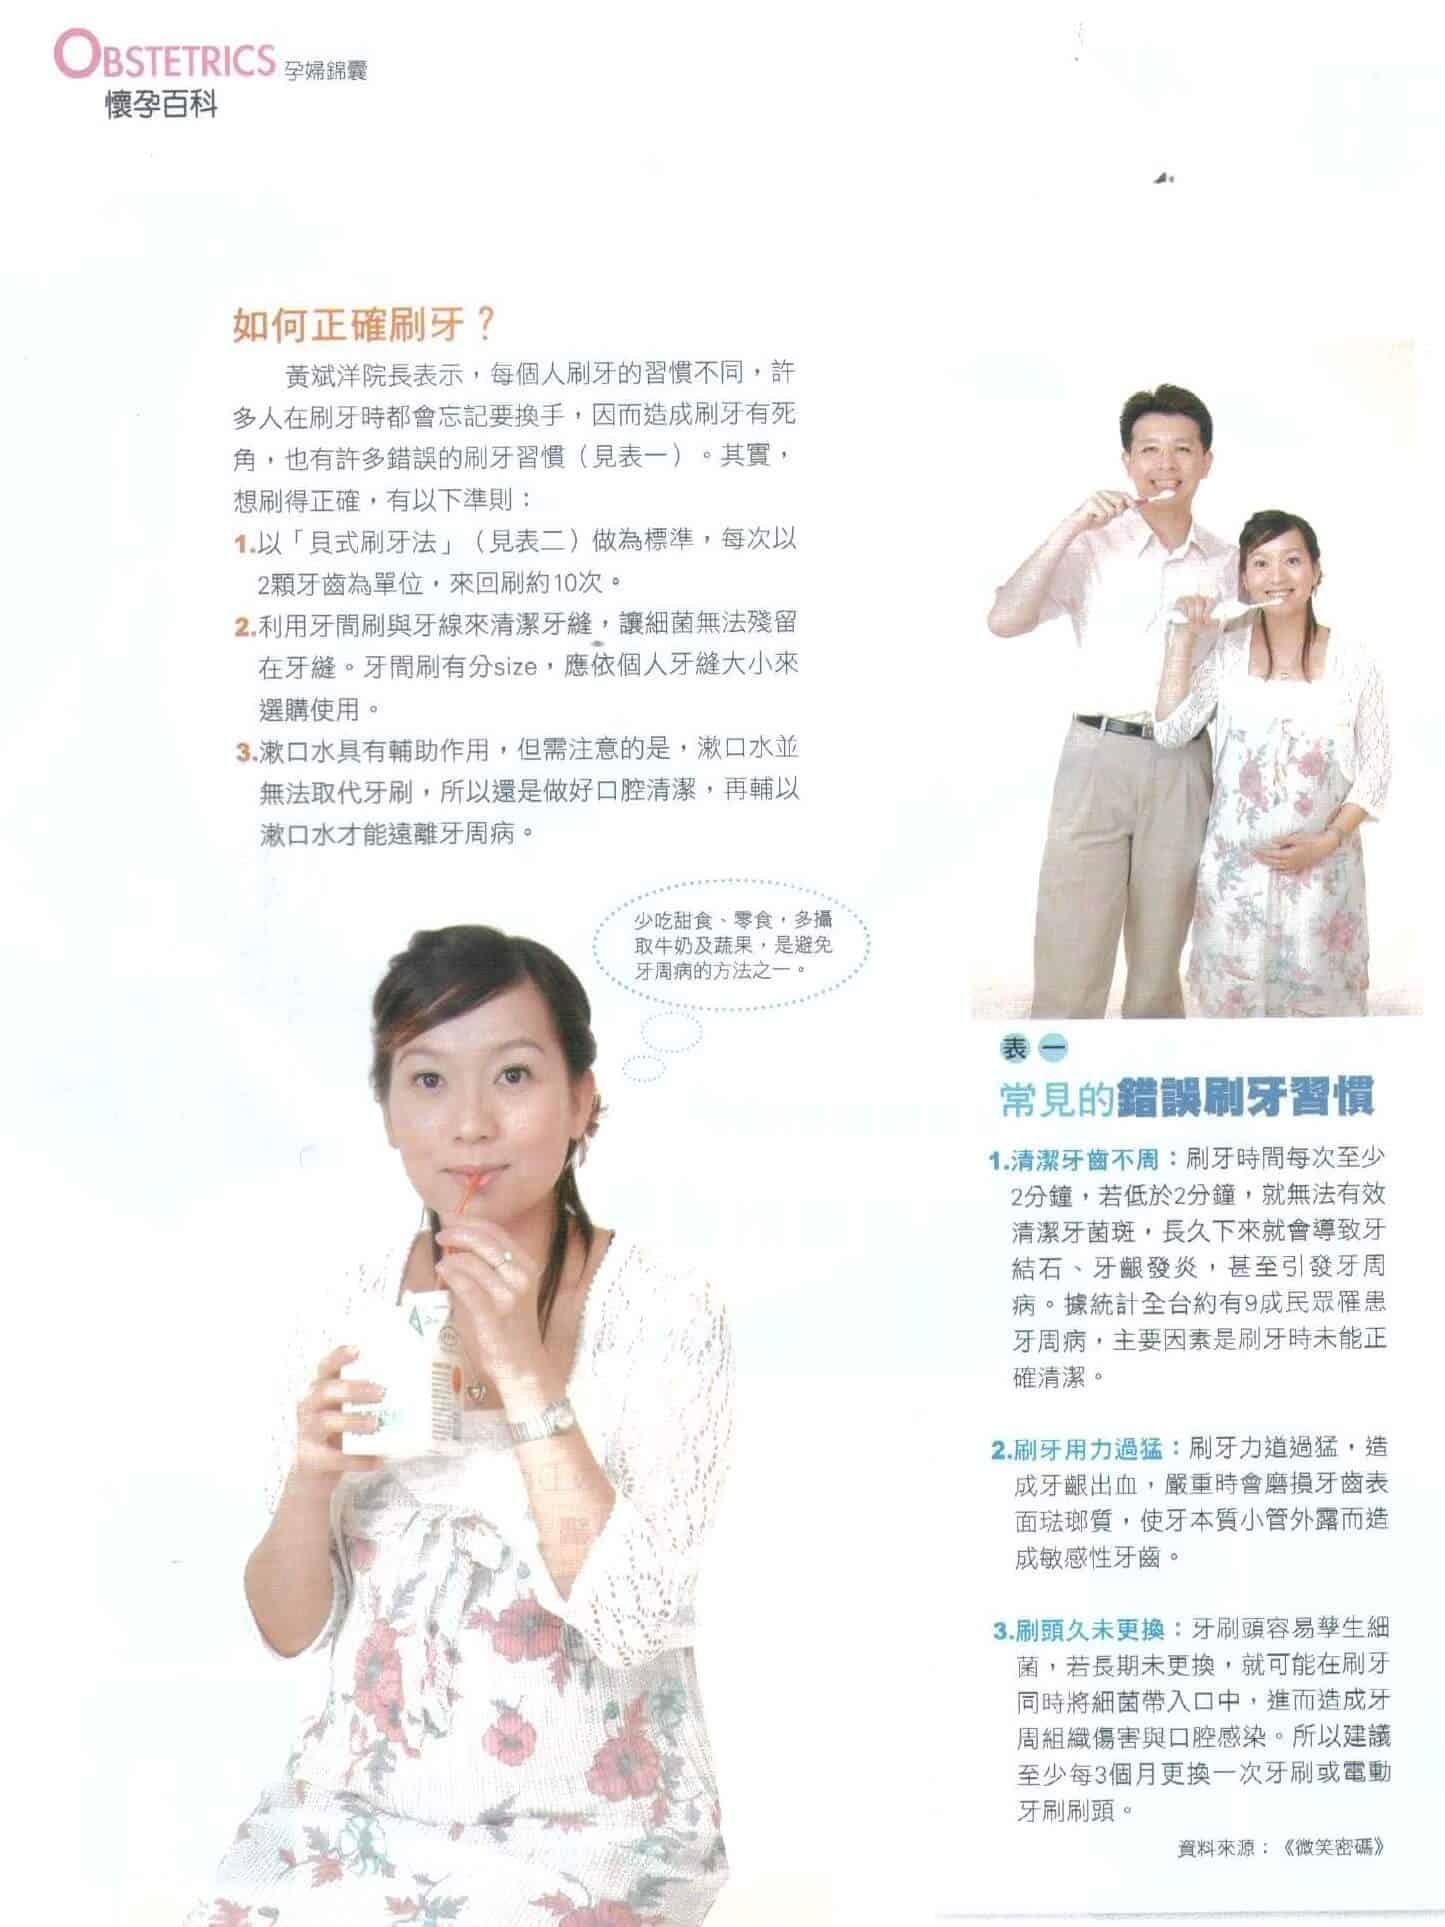 20061216嬰兒與母親-牙周病與早產-柏登牙醫-5